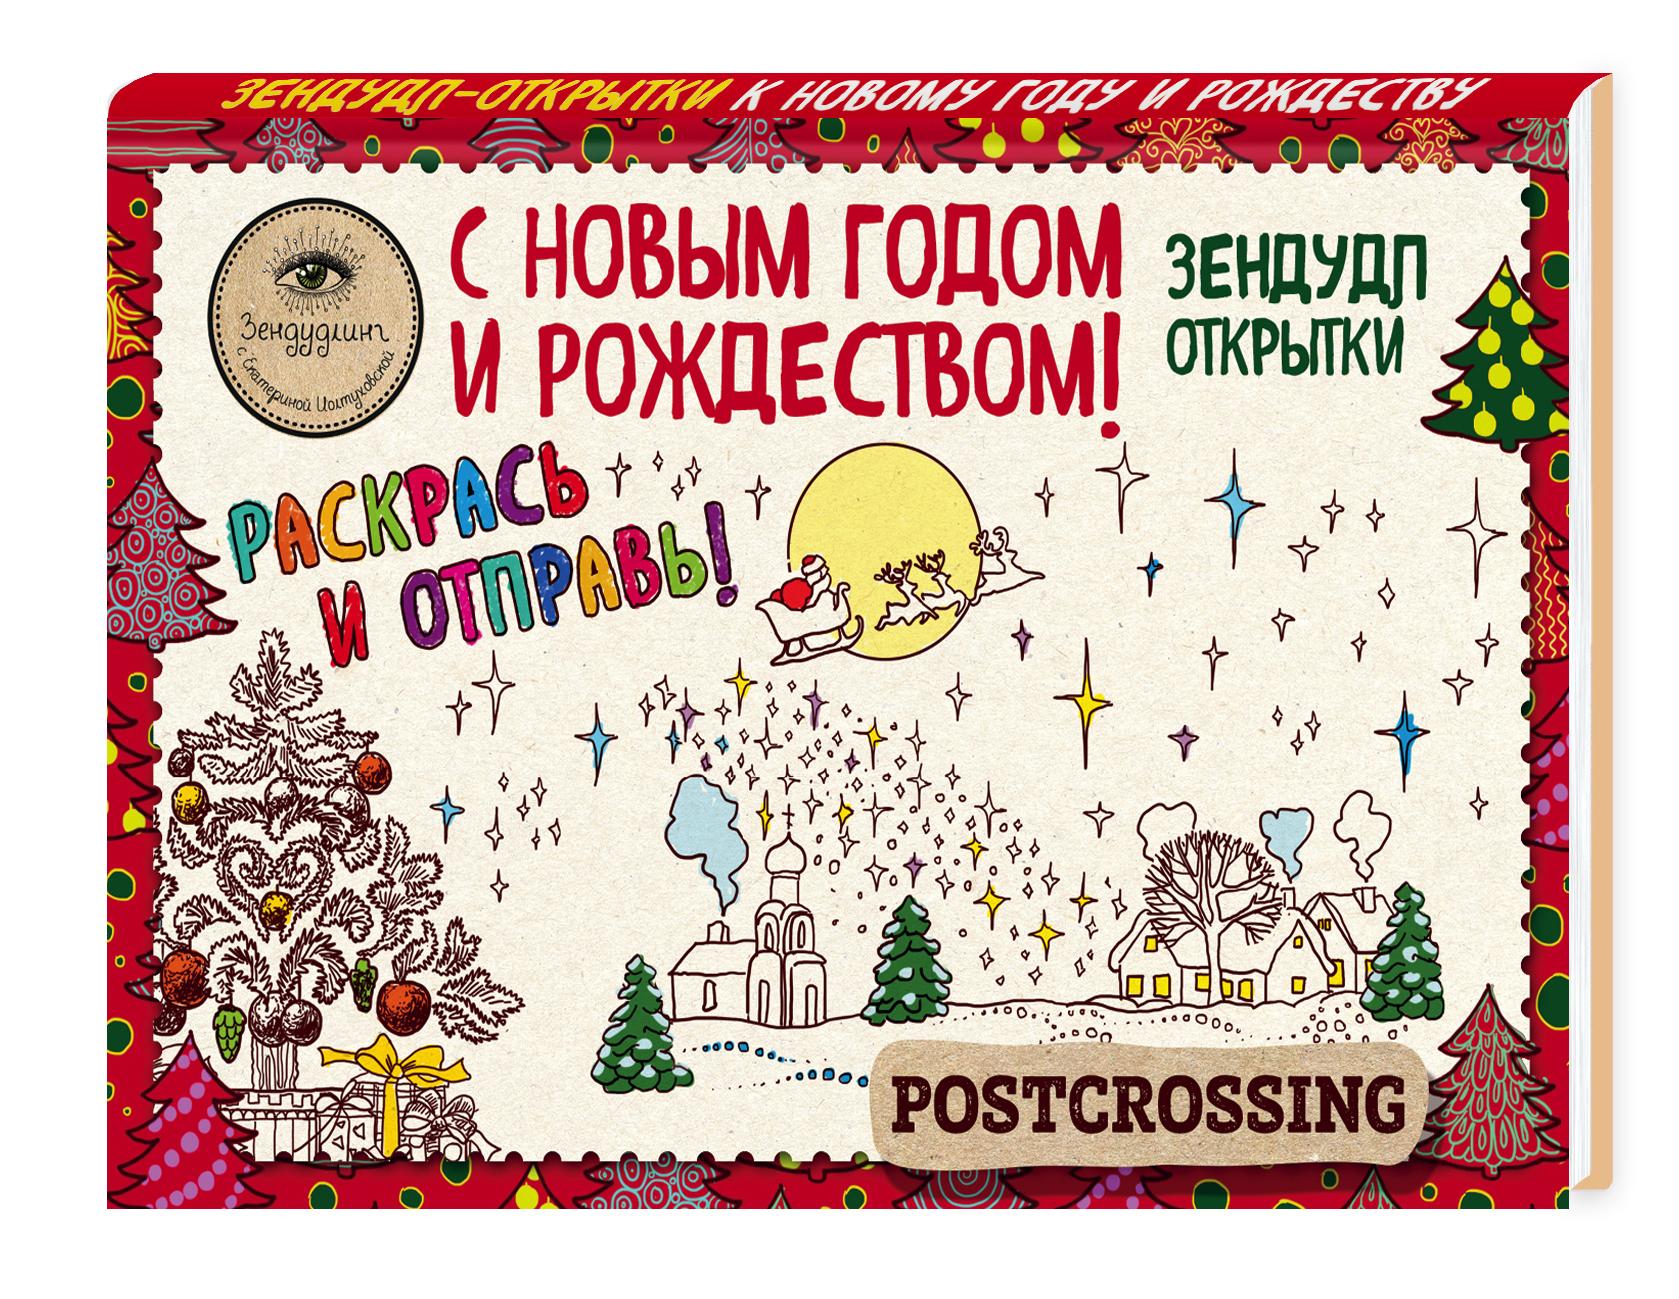 решили поздравление с новым годом на открытку посткроссинг вообще интересно